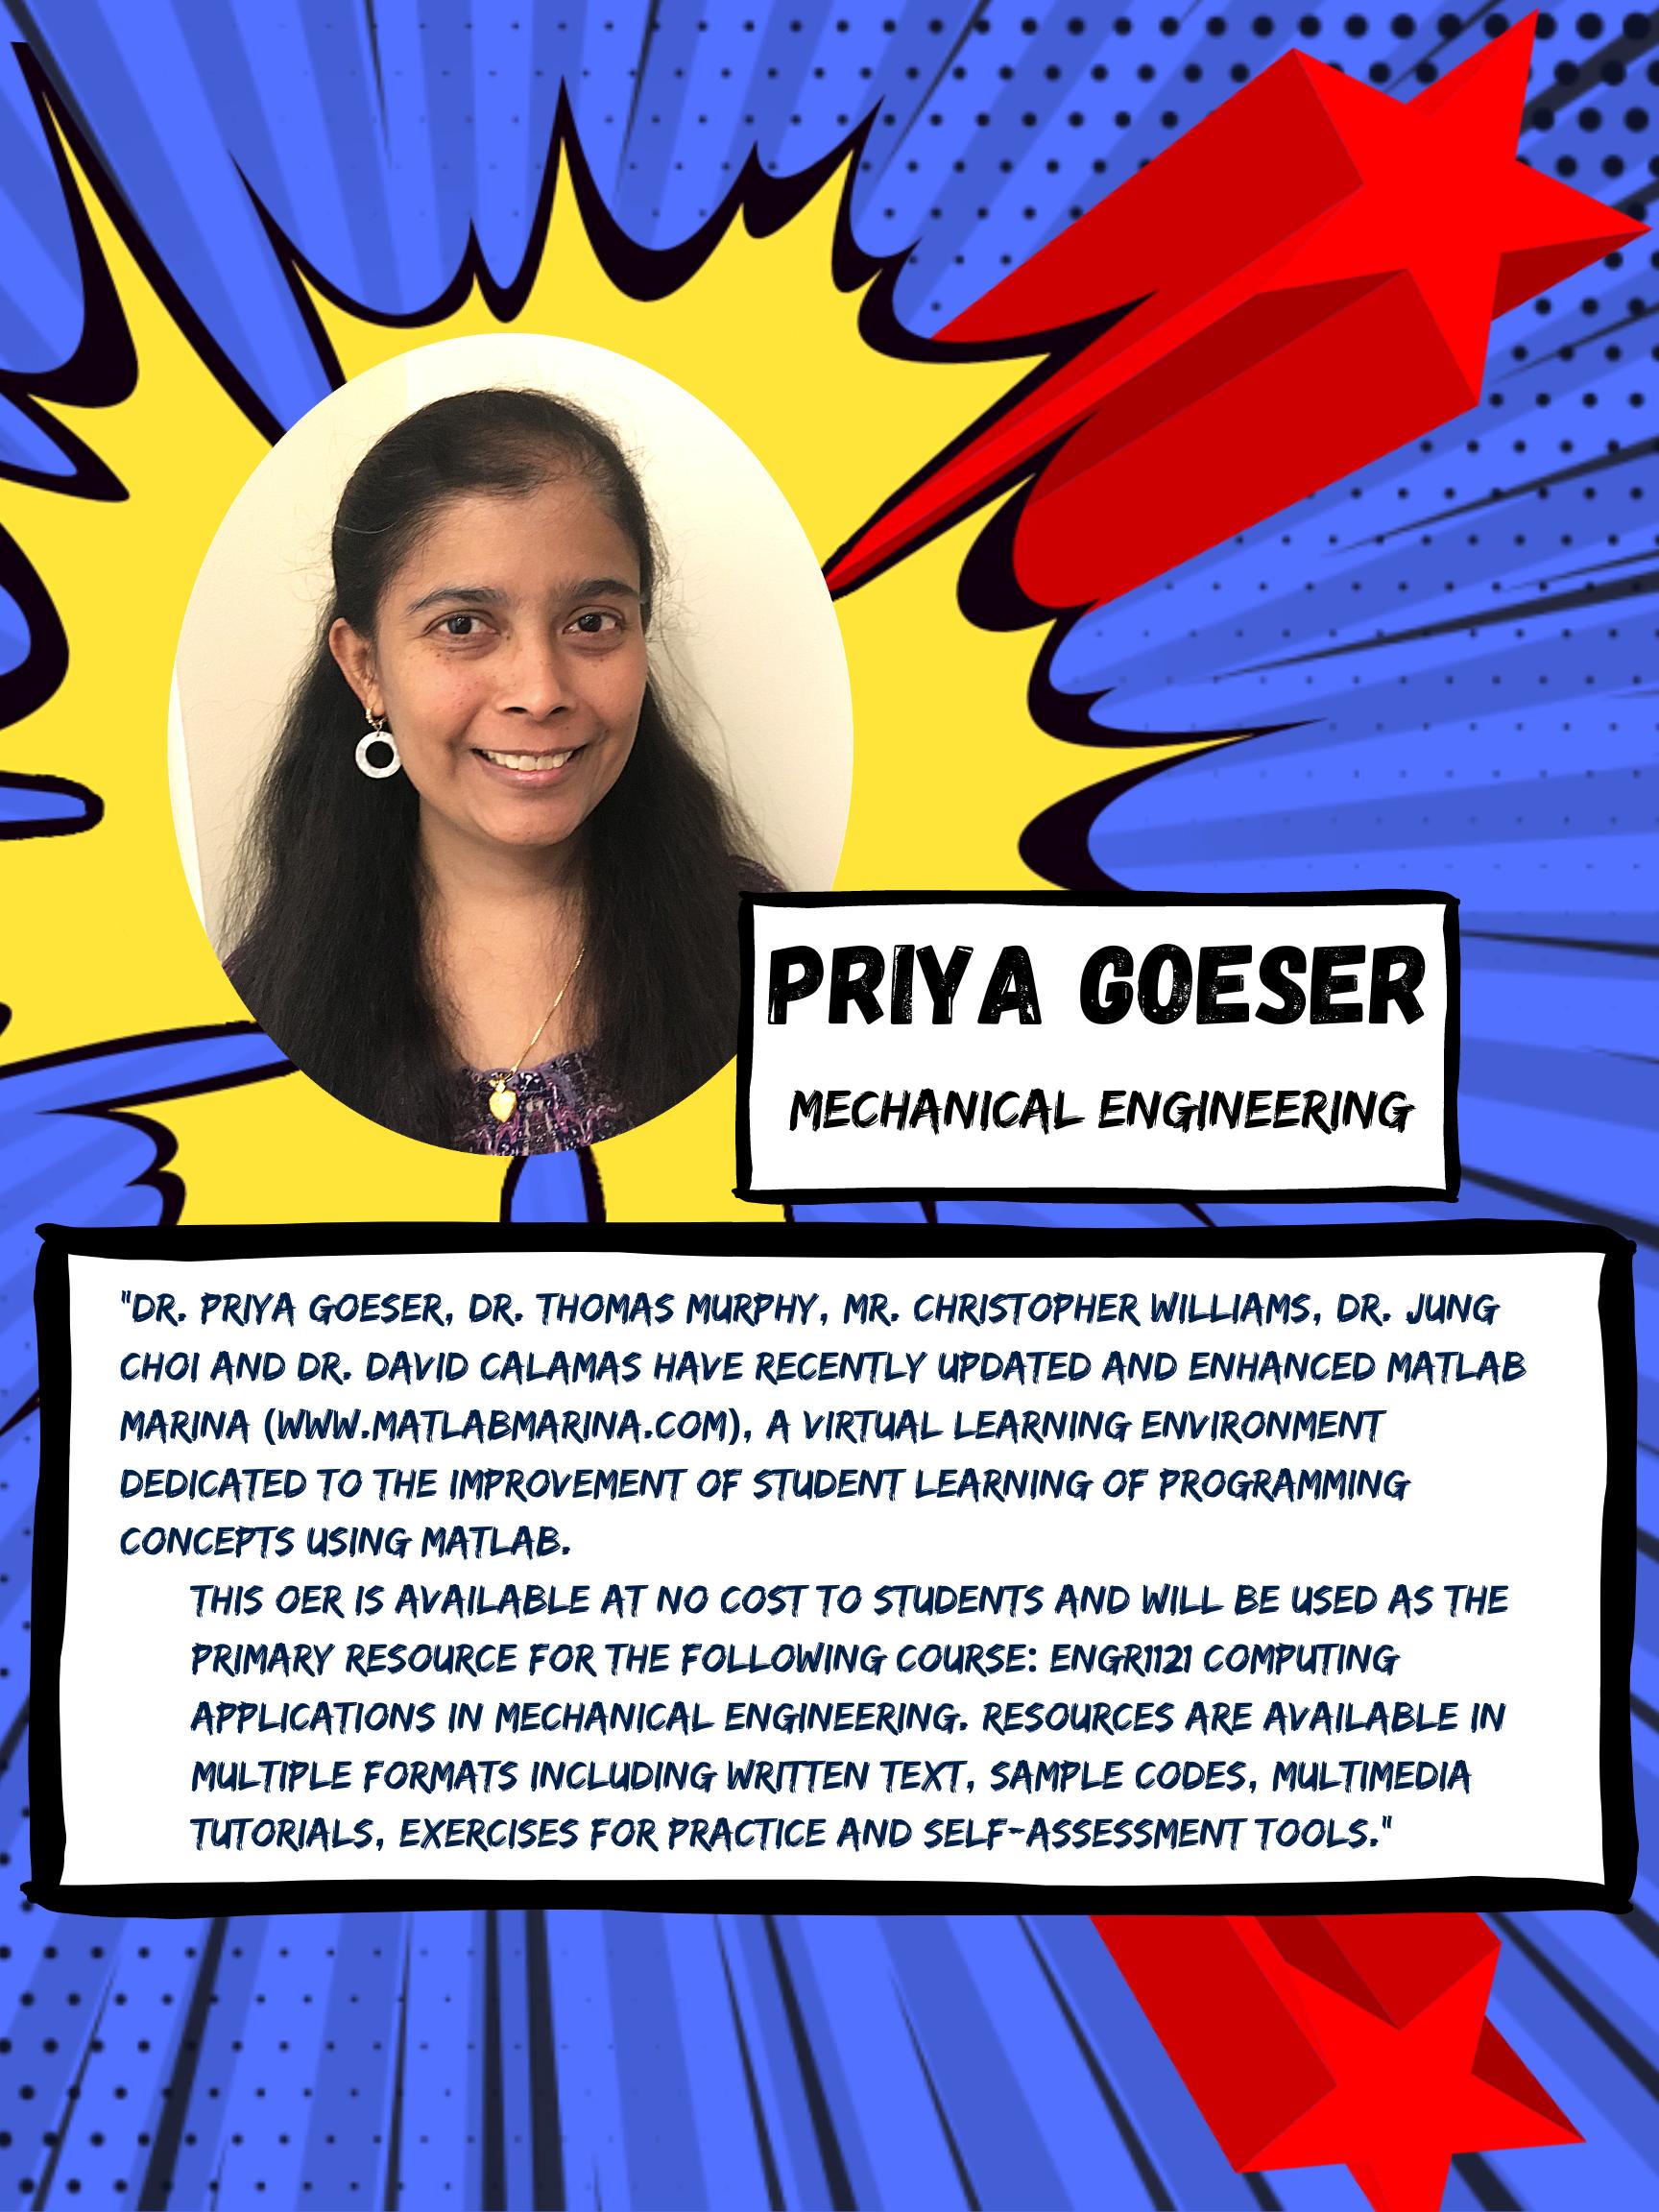 OER Heroes PriyaGoeser